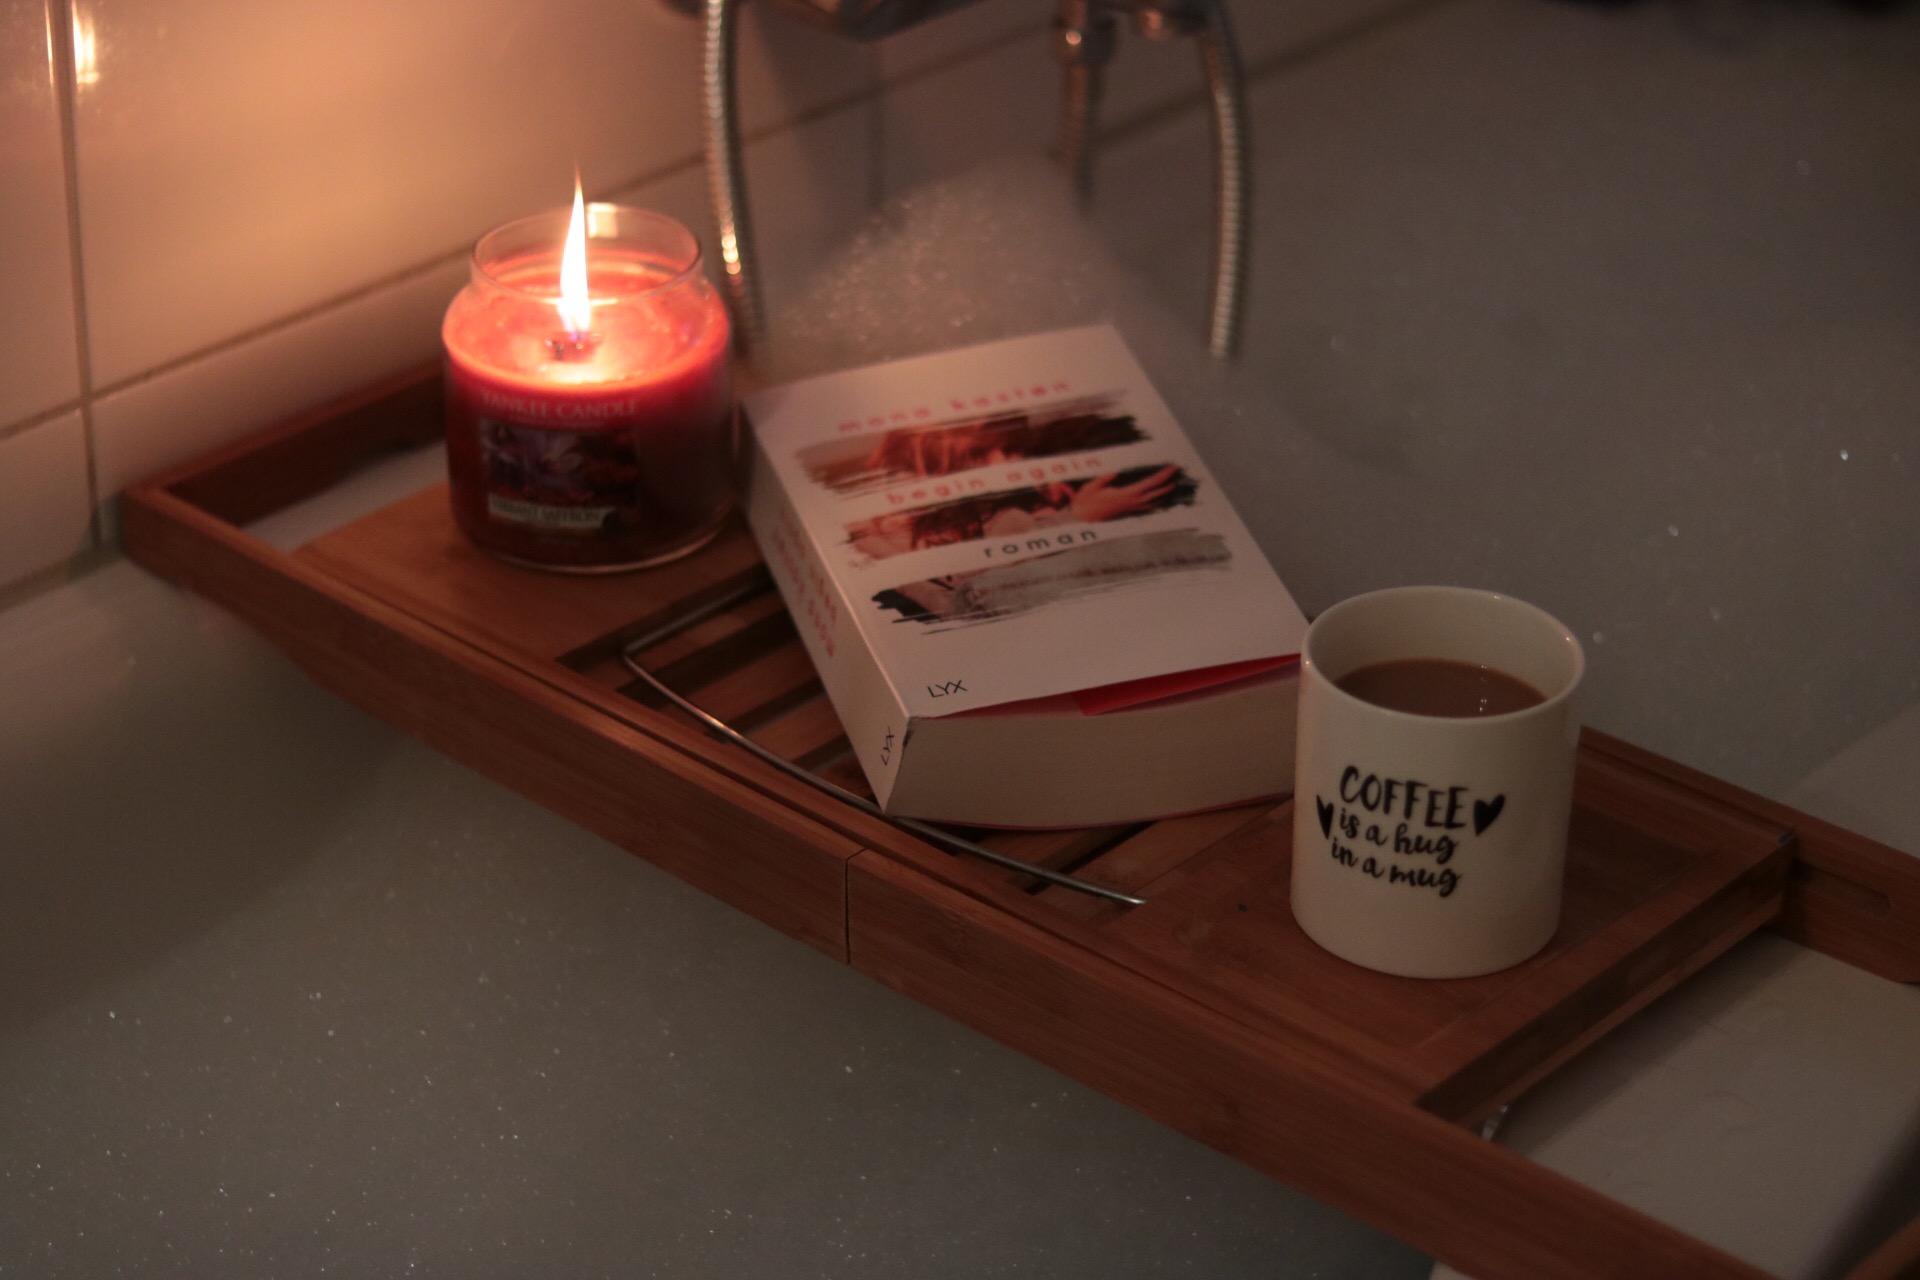 Dinge-die-man-im-herbst-machen-kann-lifestyle-blog